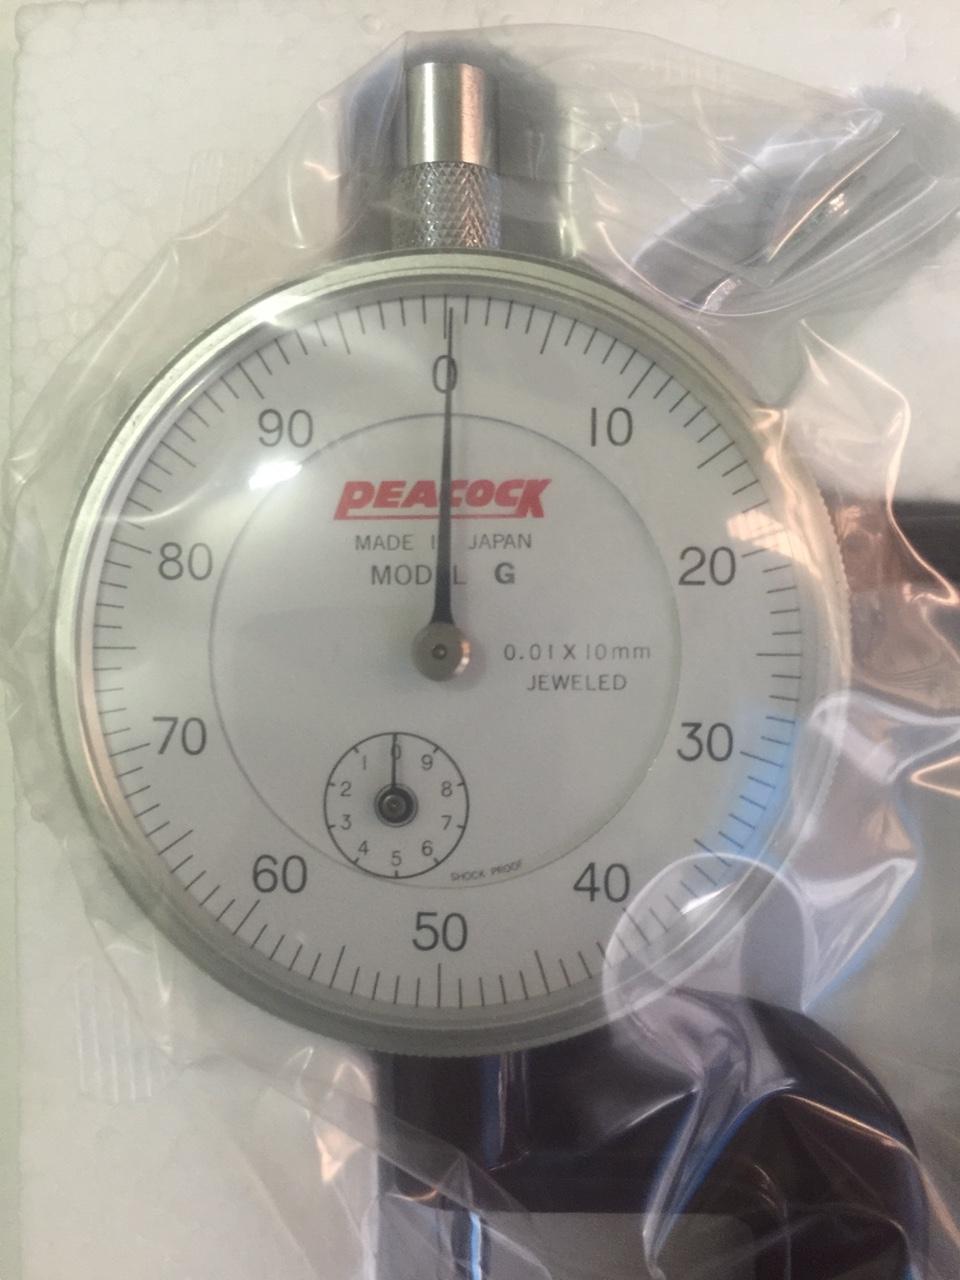 Đồng hồ đo độ dày Peacock model G, thickness gauge